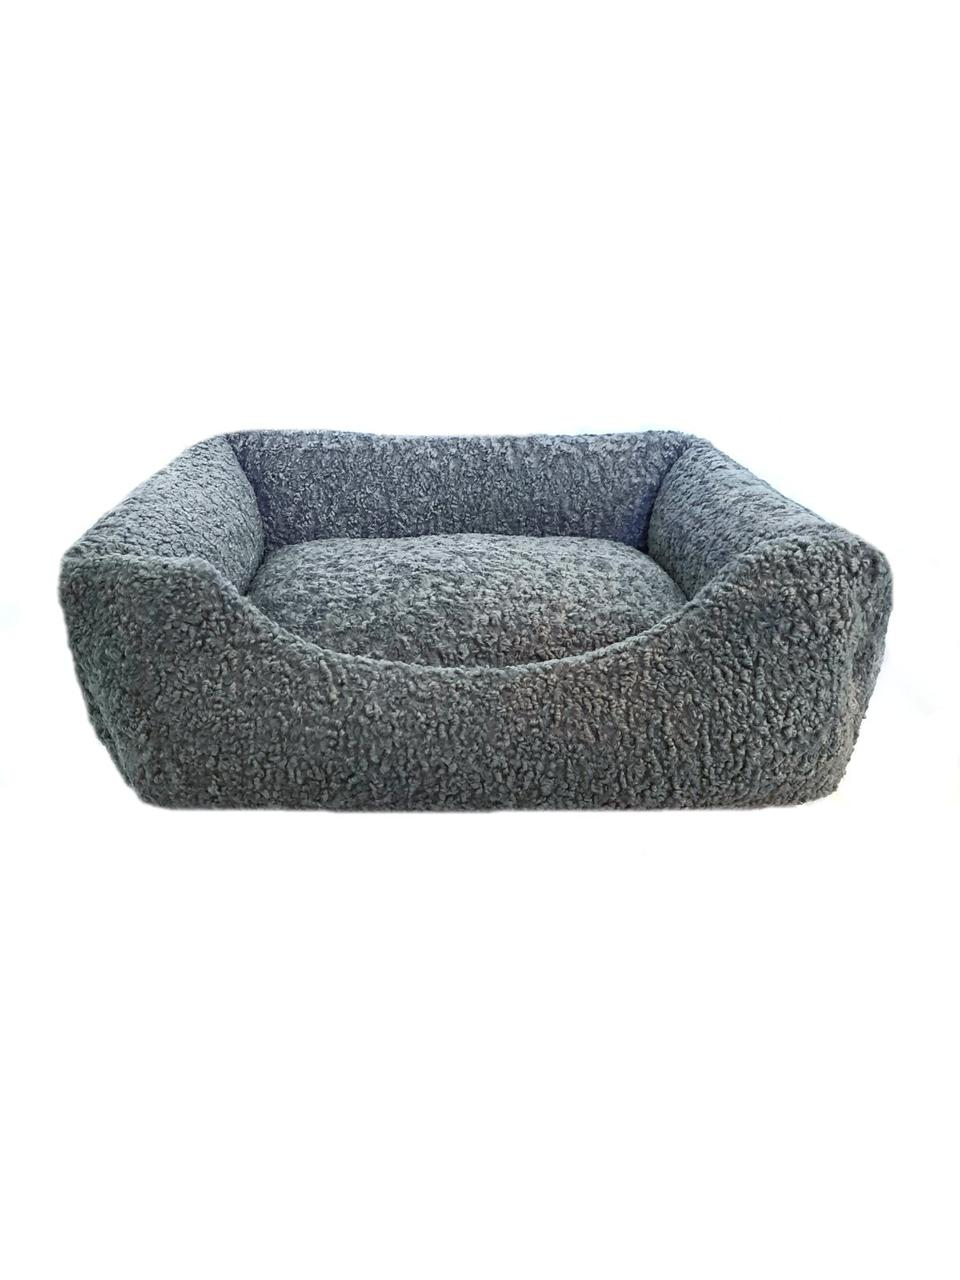 Лежак лежанка 50*40 спальное место для (собак и кошек) животных съемный чехол